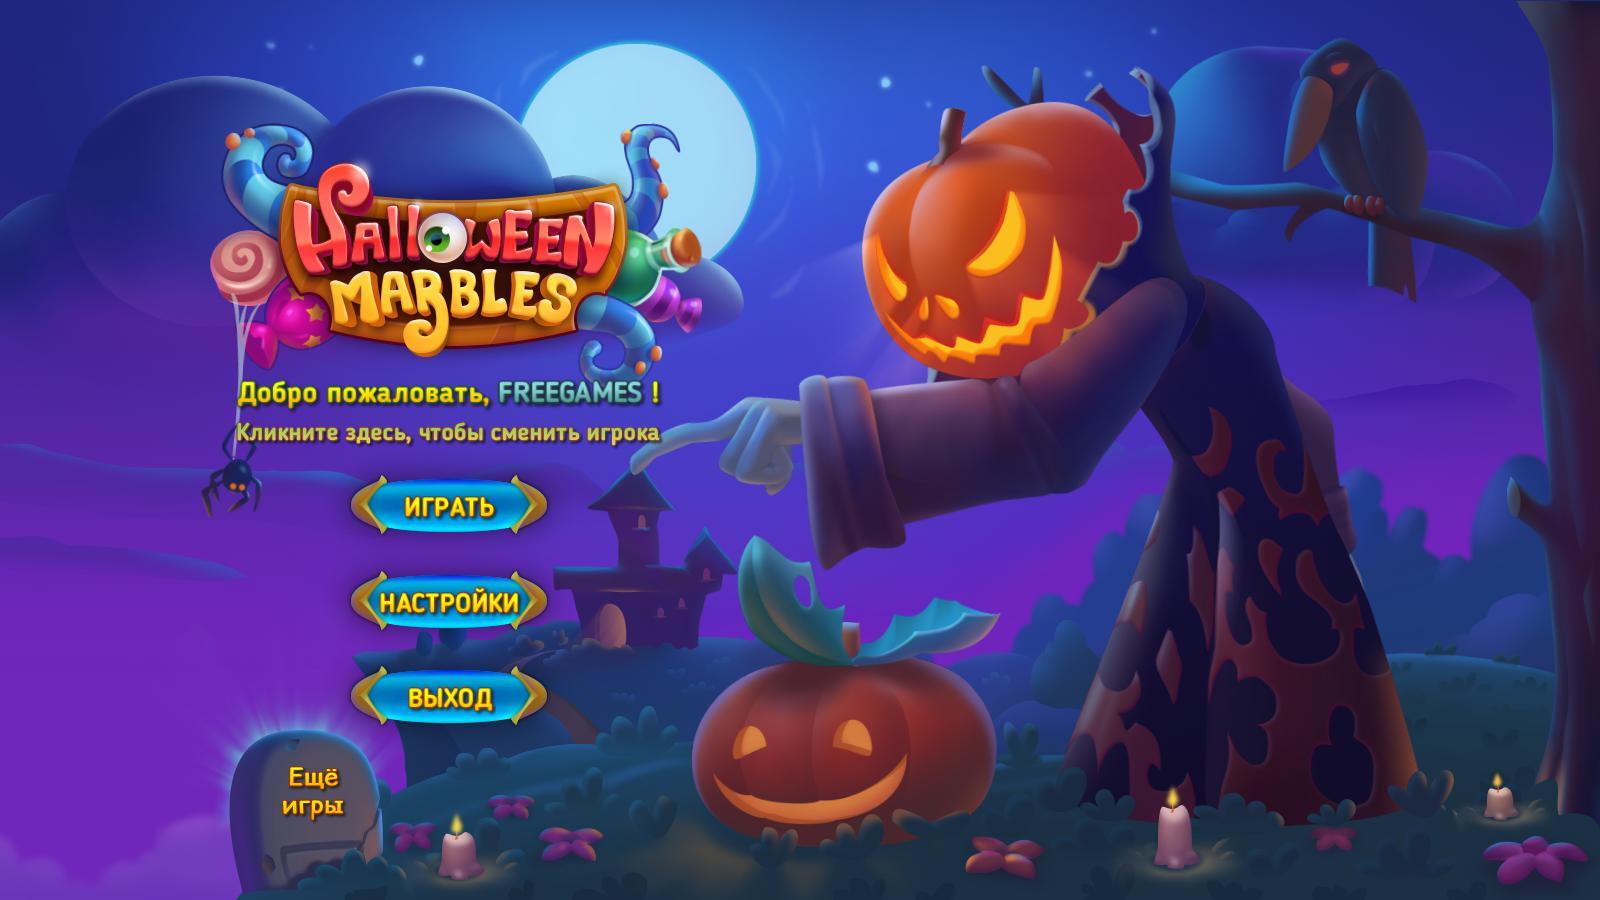 Шарики Хэллоуина | Halloween Marbles (Rus)